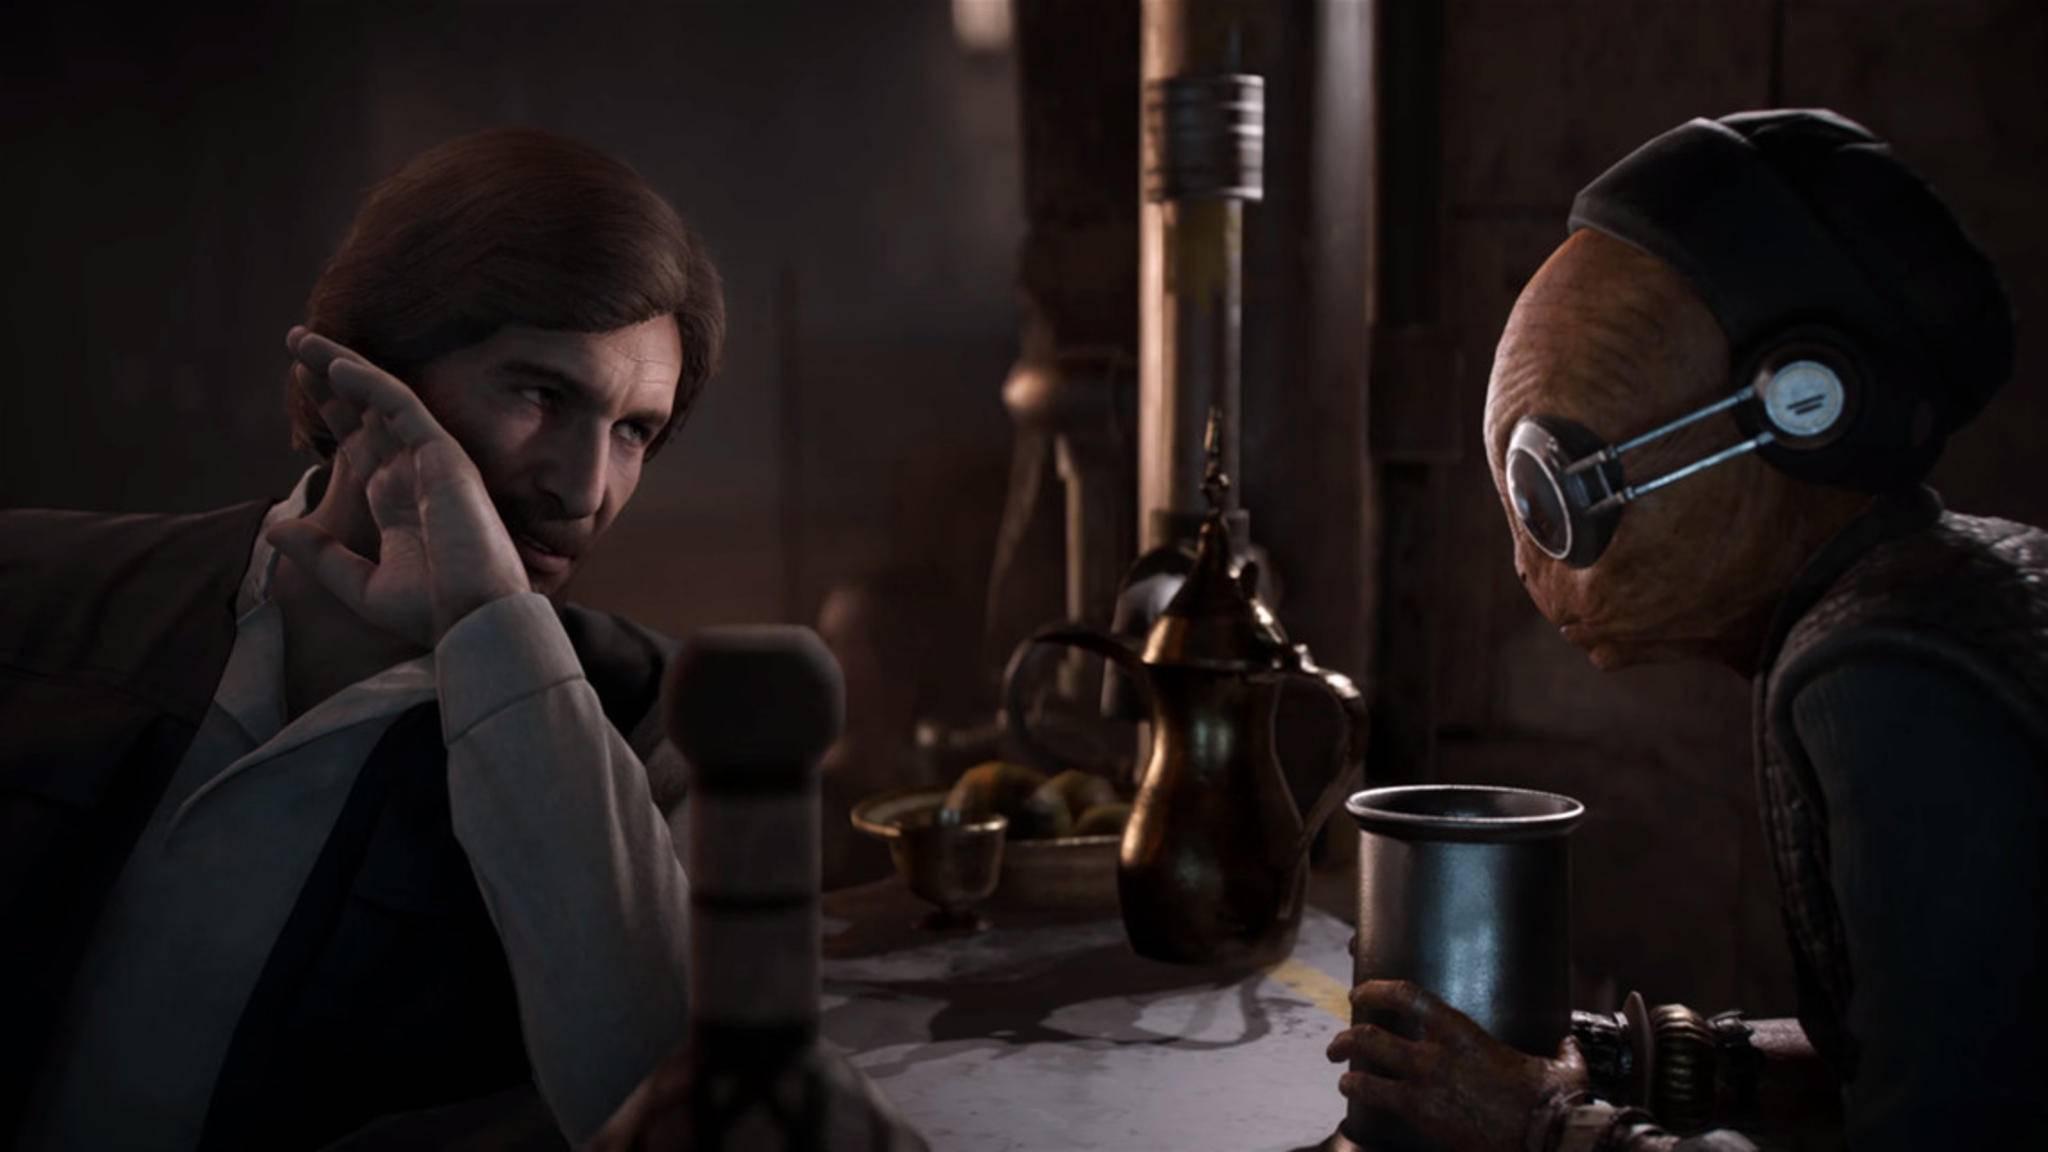 """Nach """"Star Wars: Battlefront 2"""" plant EA offenbar ein Open-World-Game im """"Star Wars""""-Universum."""